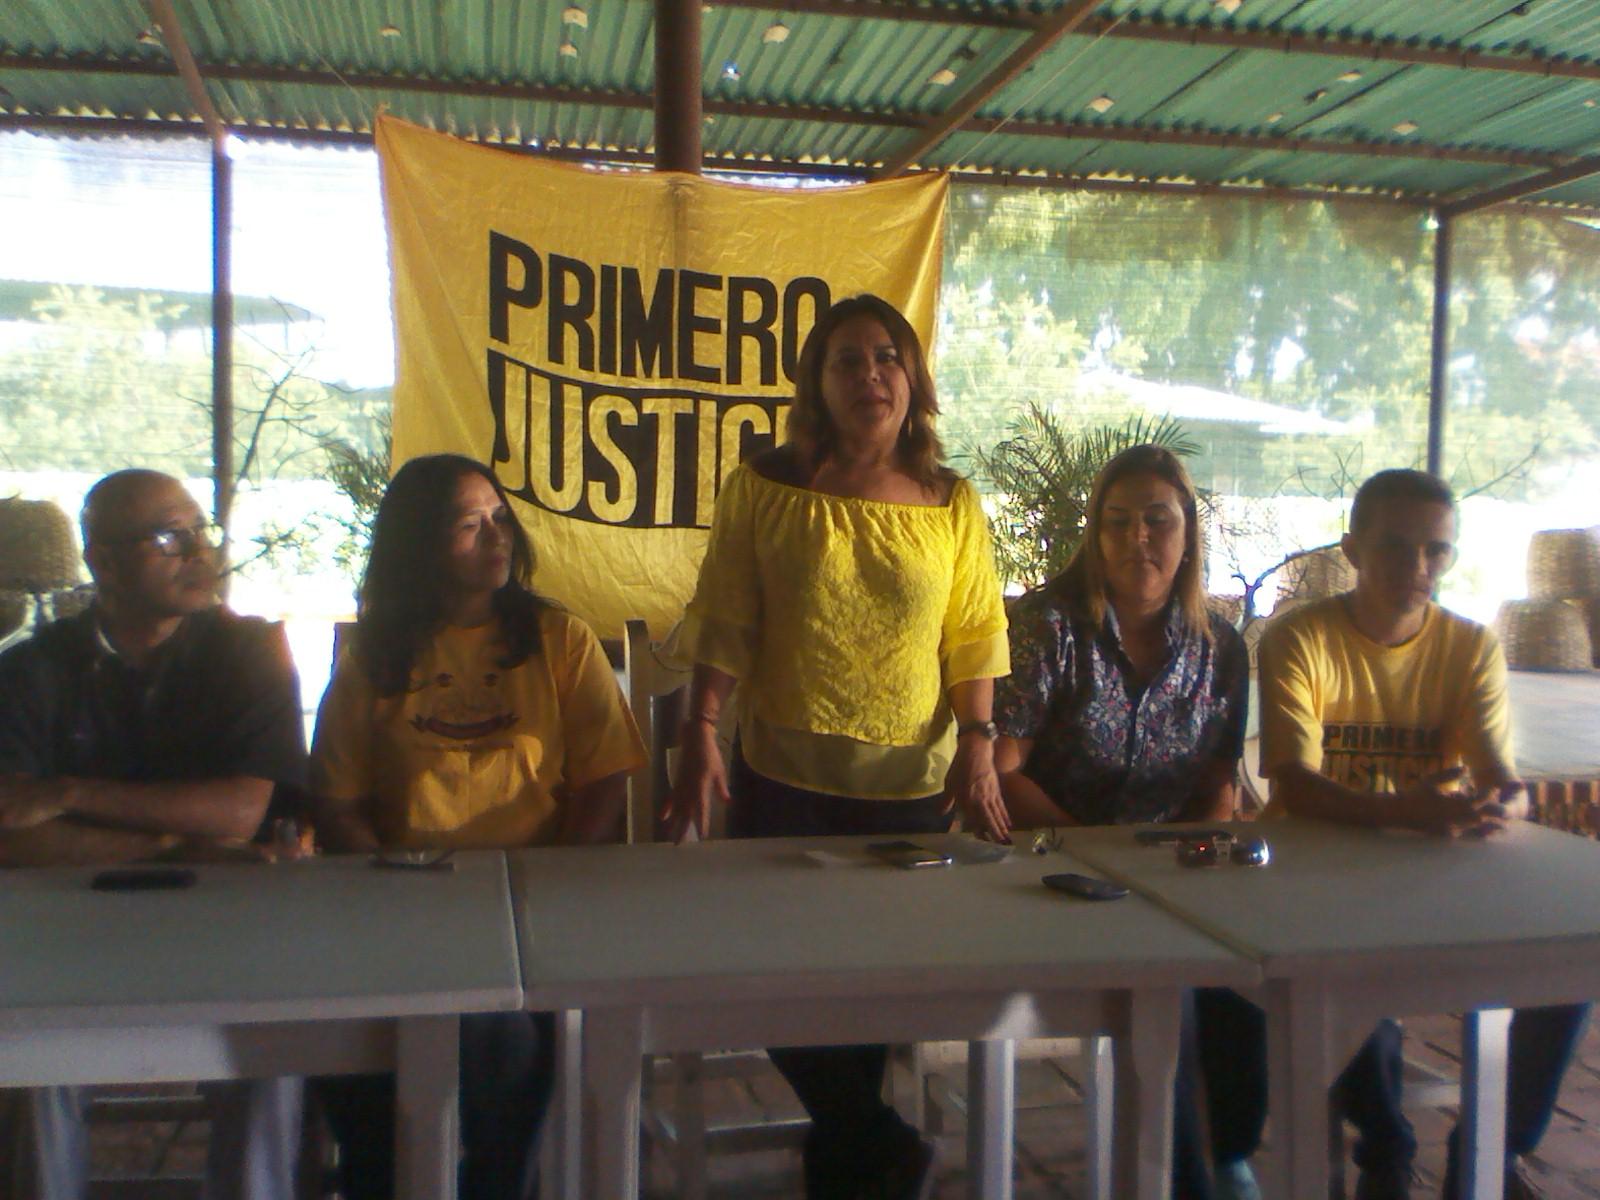 La candidata a la gobernación Rummy Olivo formalizó la inscripción bajo el apoyo de Copey y Primero Justicia (Foto Referencial)